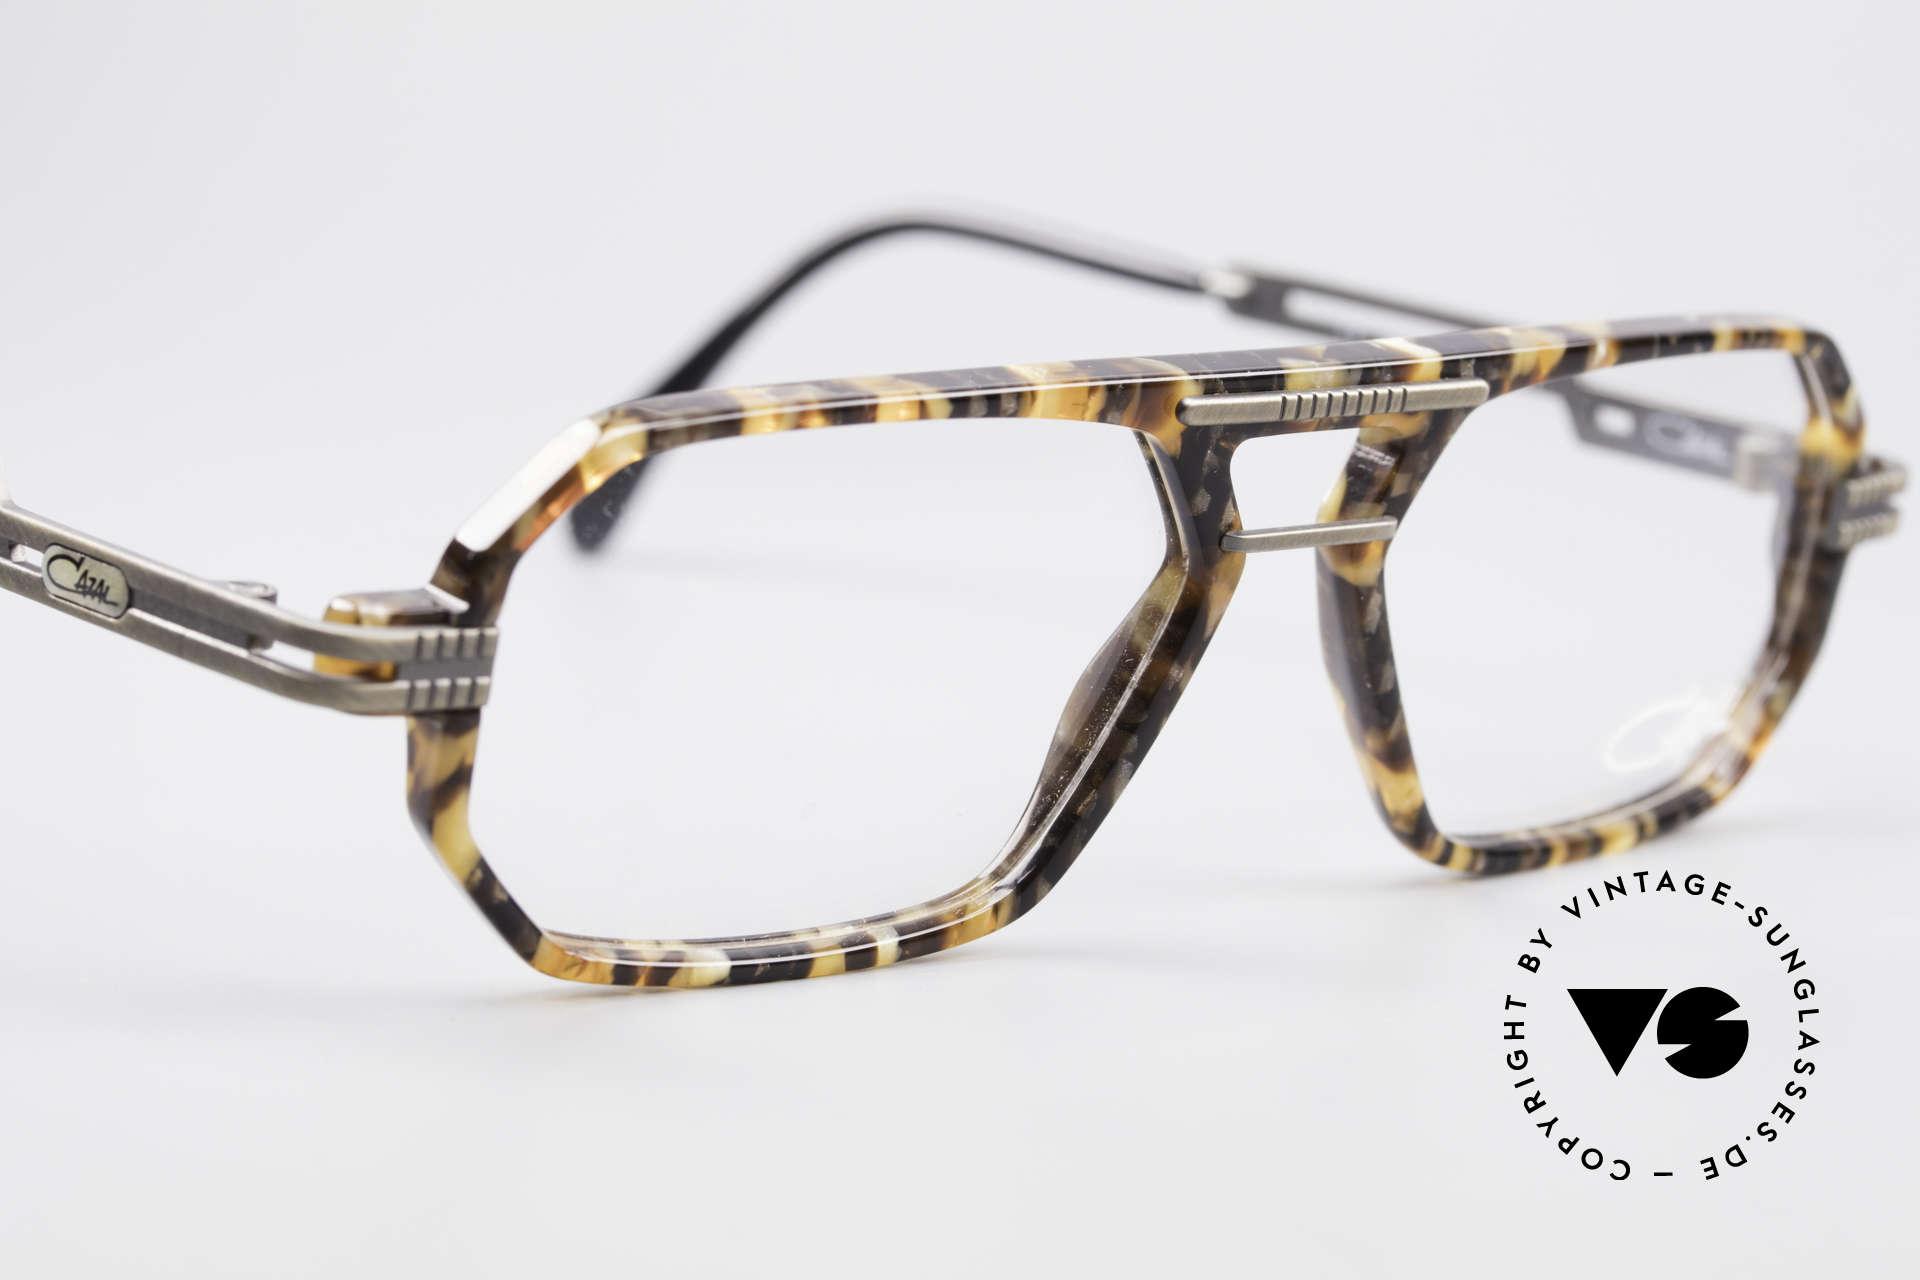 Cazal 651 Rare Vintage Brillenfassung, KEINE Retrobrille, sondern ein 20 J. altes Original, Passend für Herren